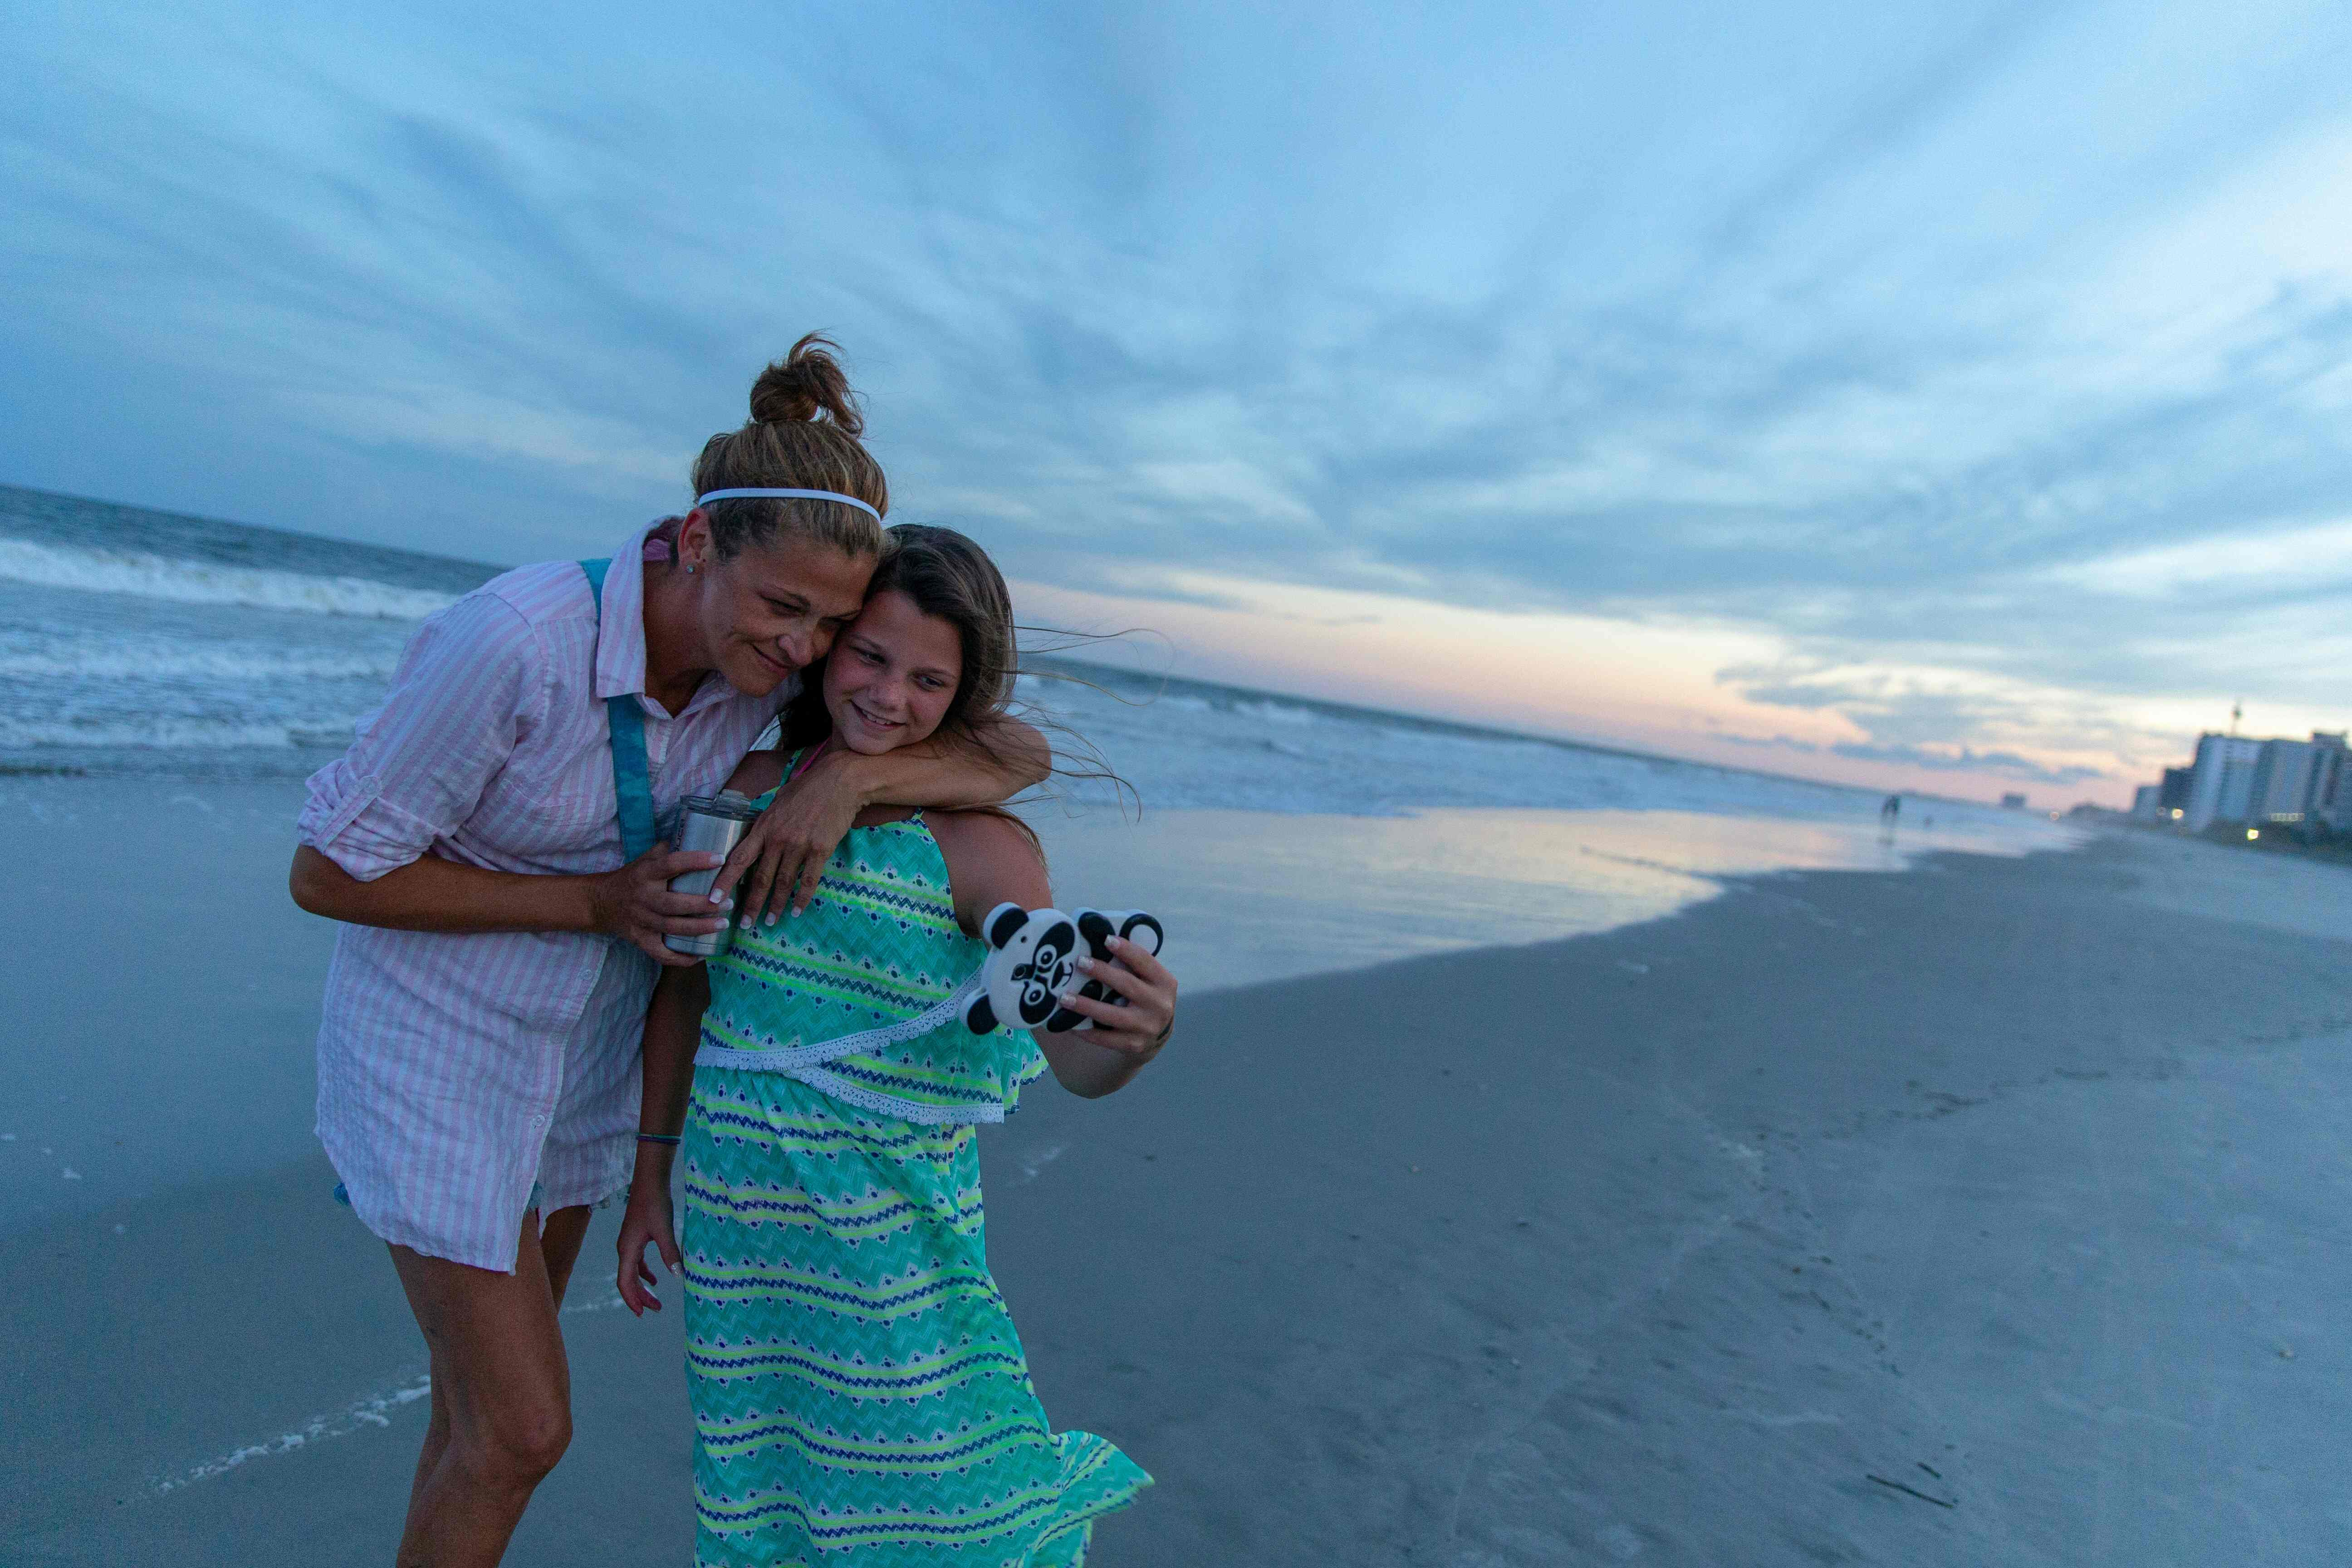 فتاة تلتقط صورة شخصية مع والدتها أثناء غروب الشمس فى ميرتل بيتش جنوب كارولينا